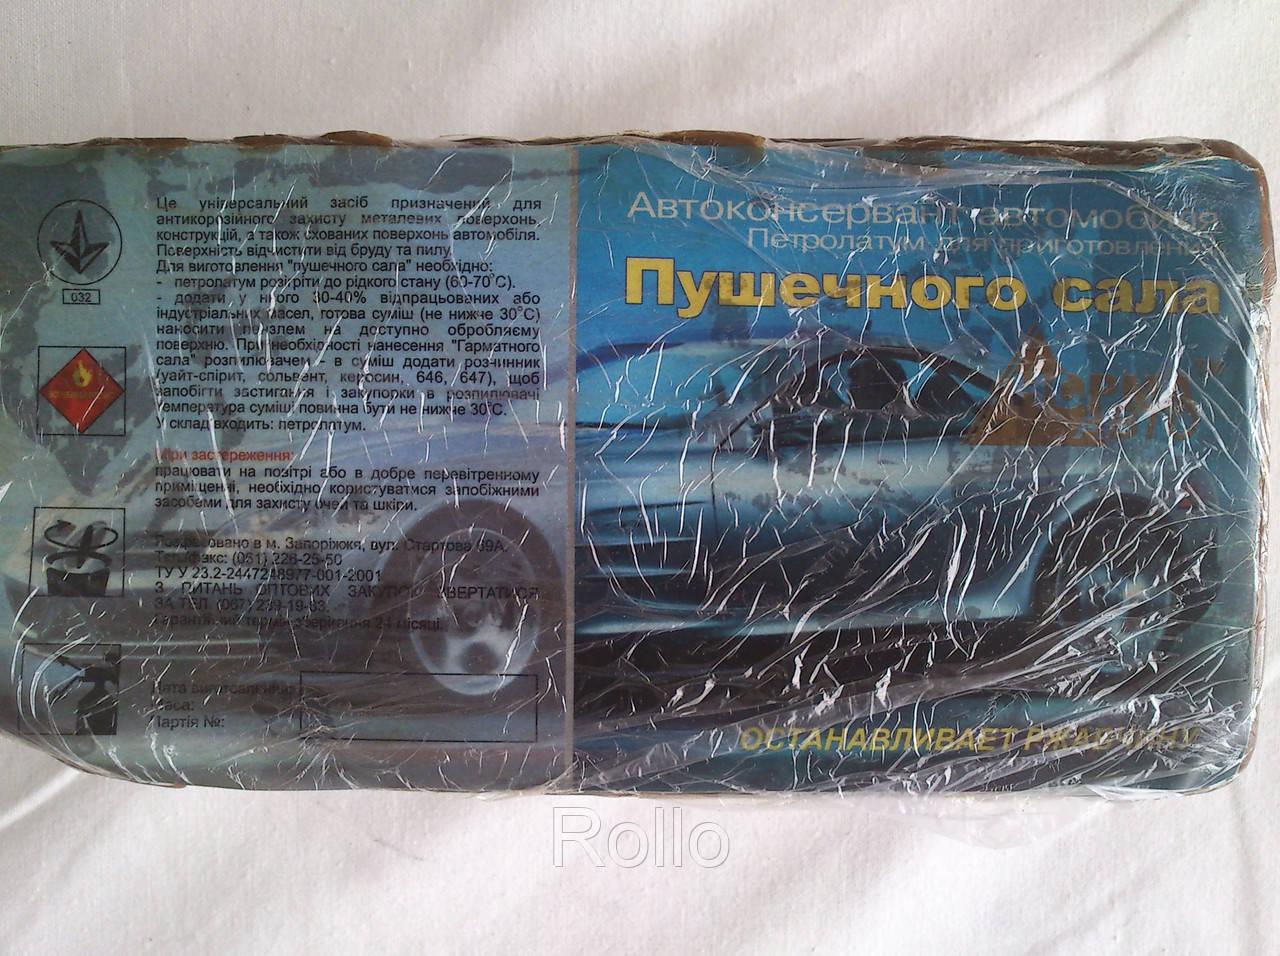 Пушсало 0.8 кг (брикет) - Rollo в Харькове